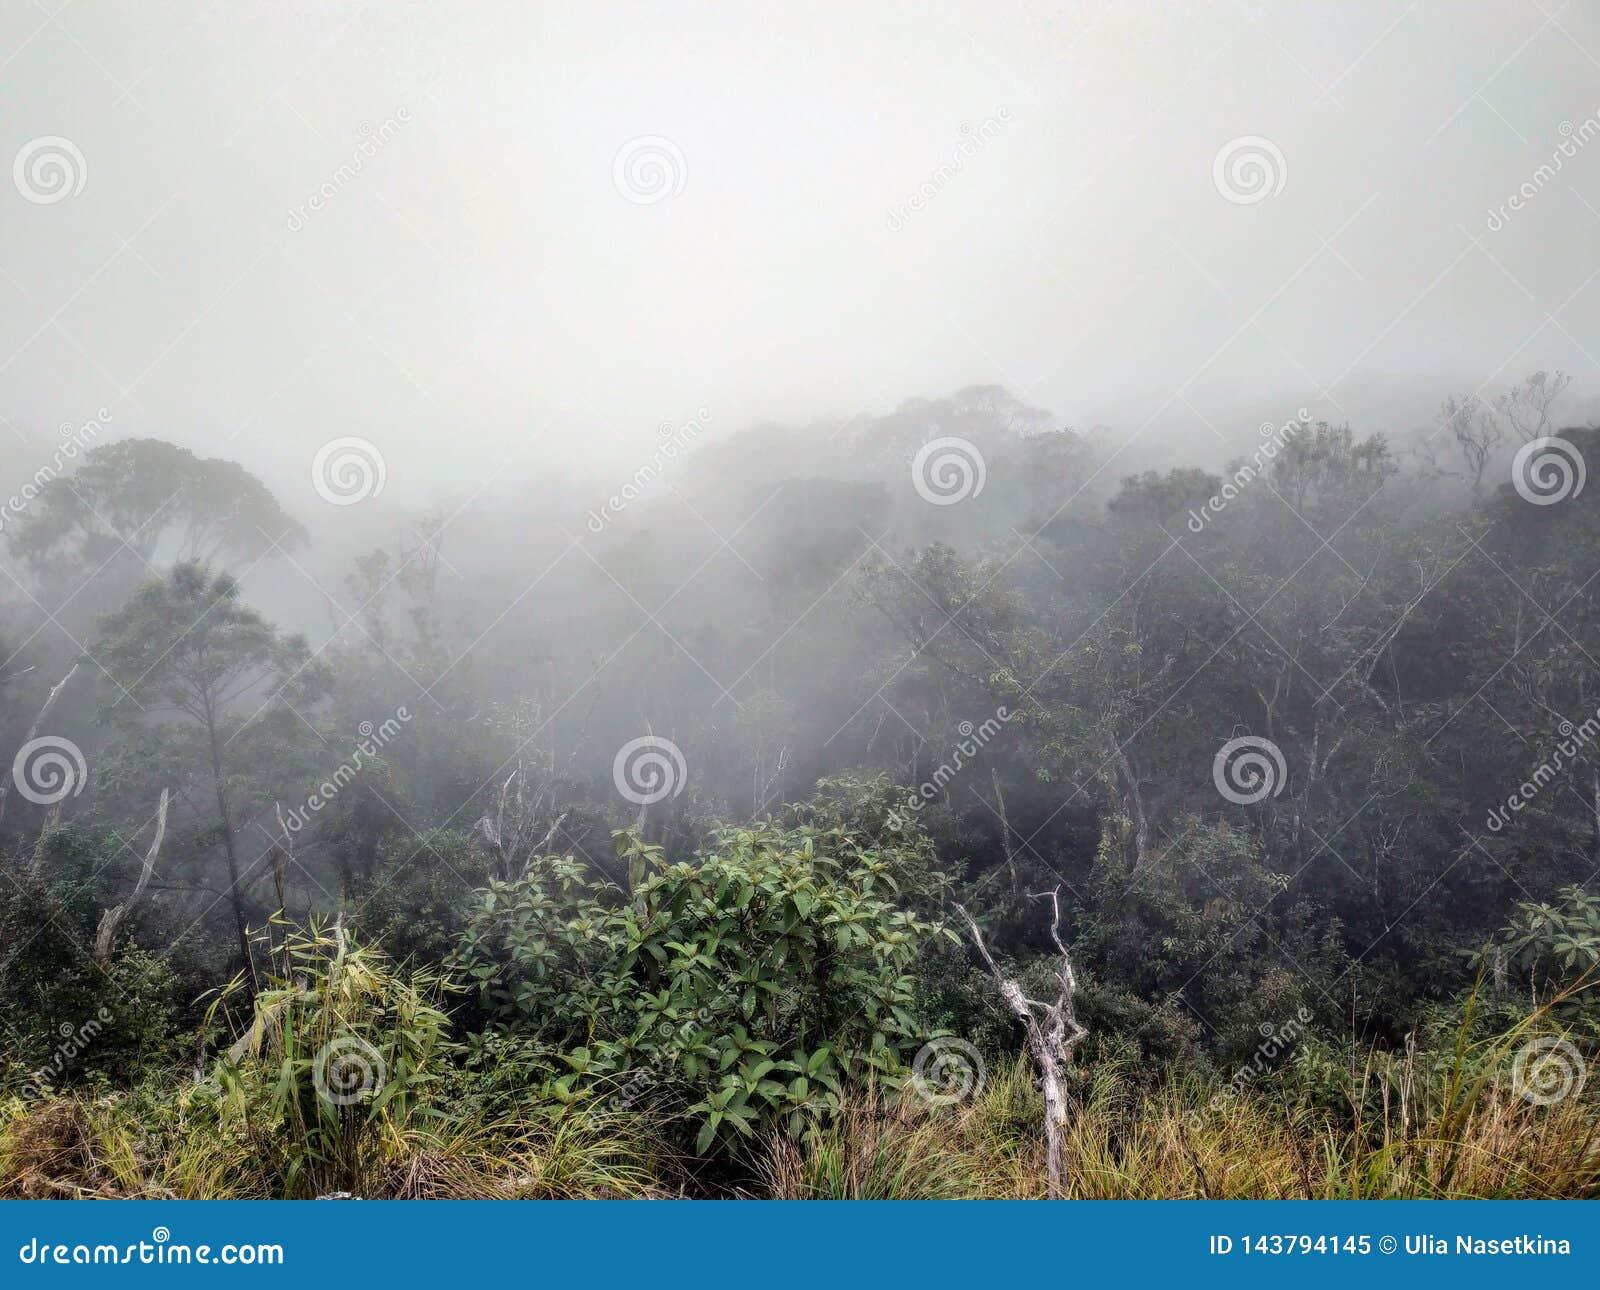 Brume foncée dans le brouillard de forêt dans les montagnes et une silhouette solitaire loin